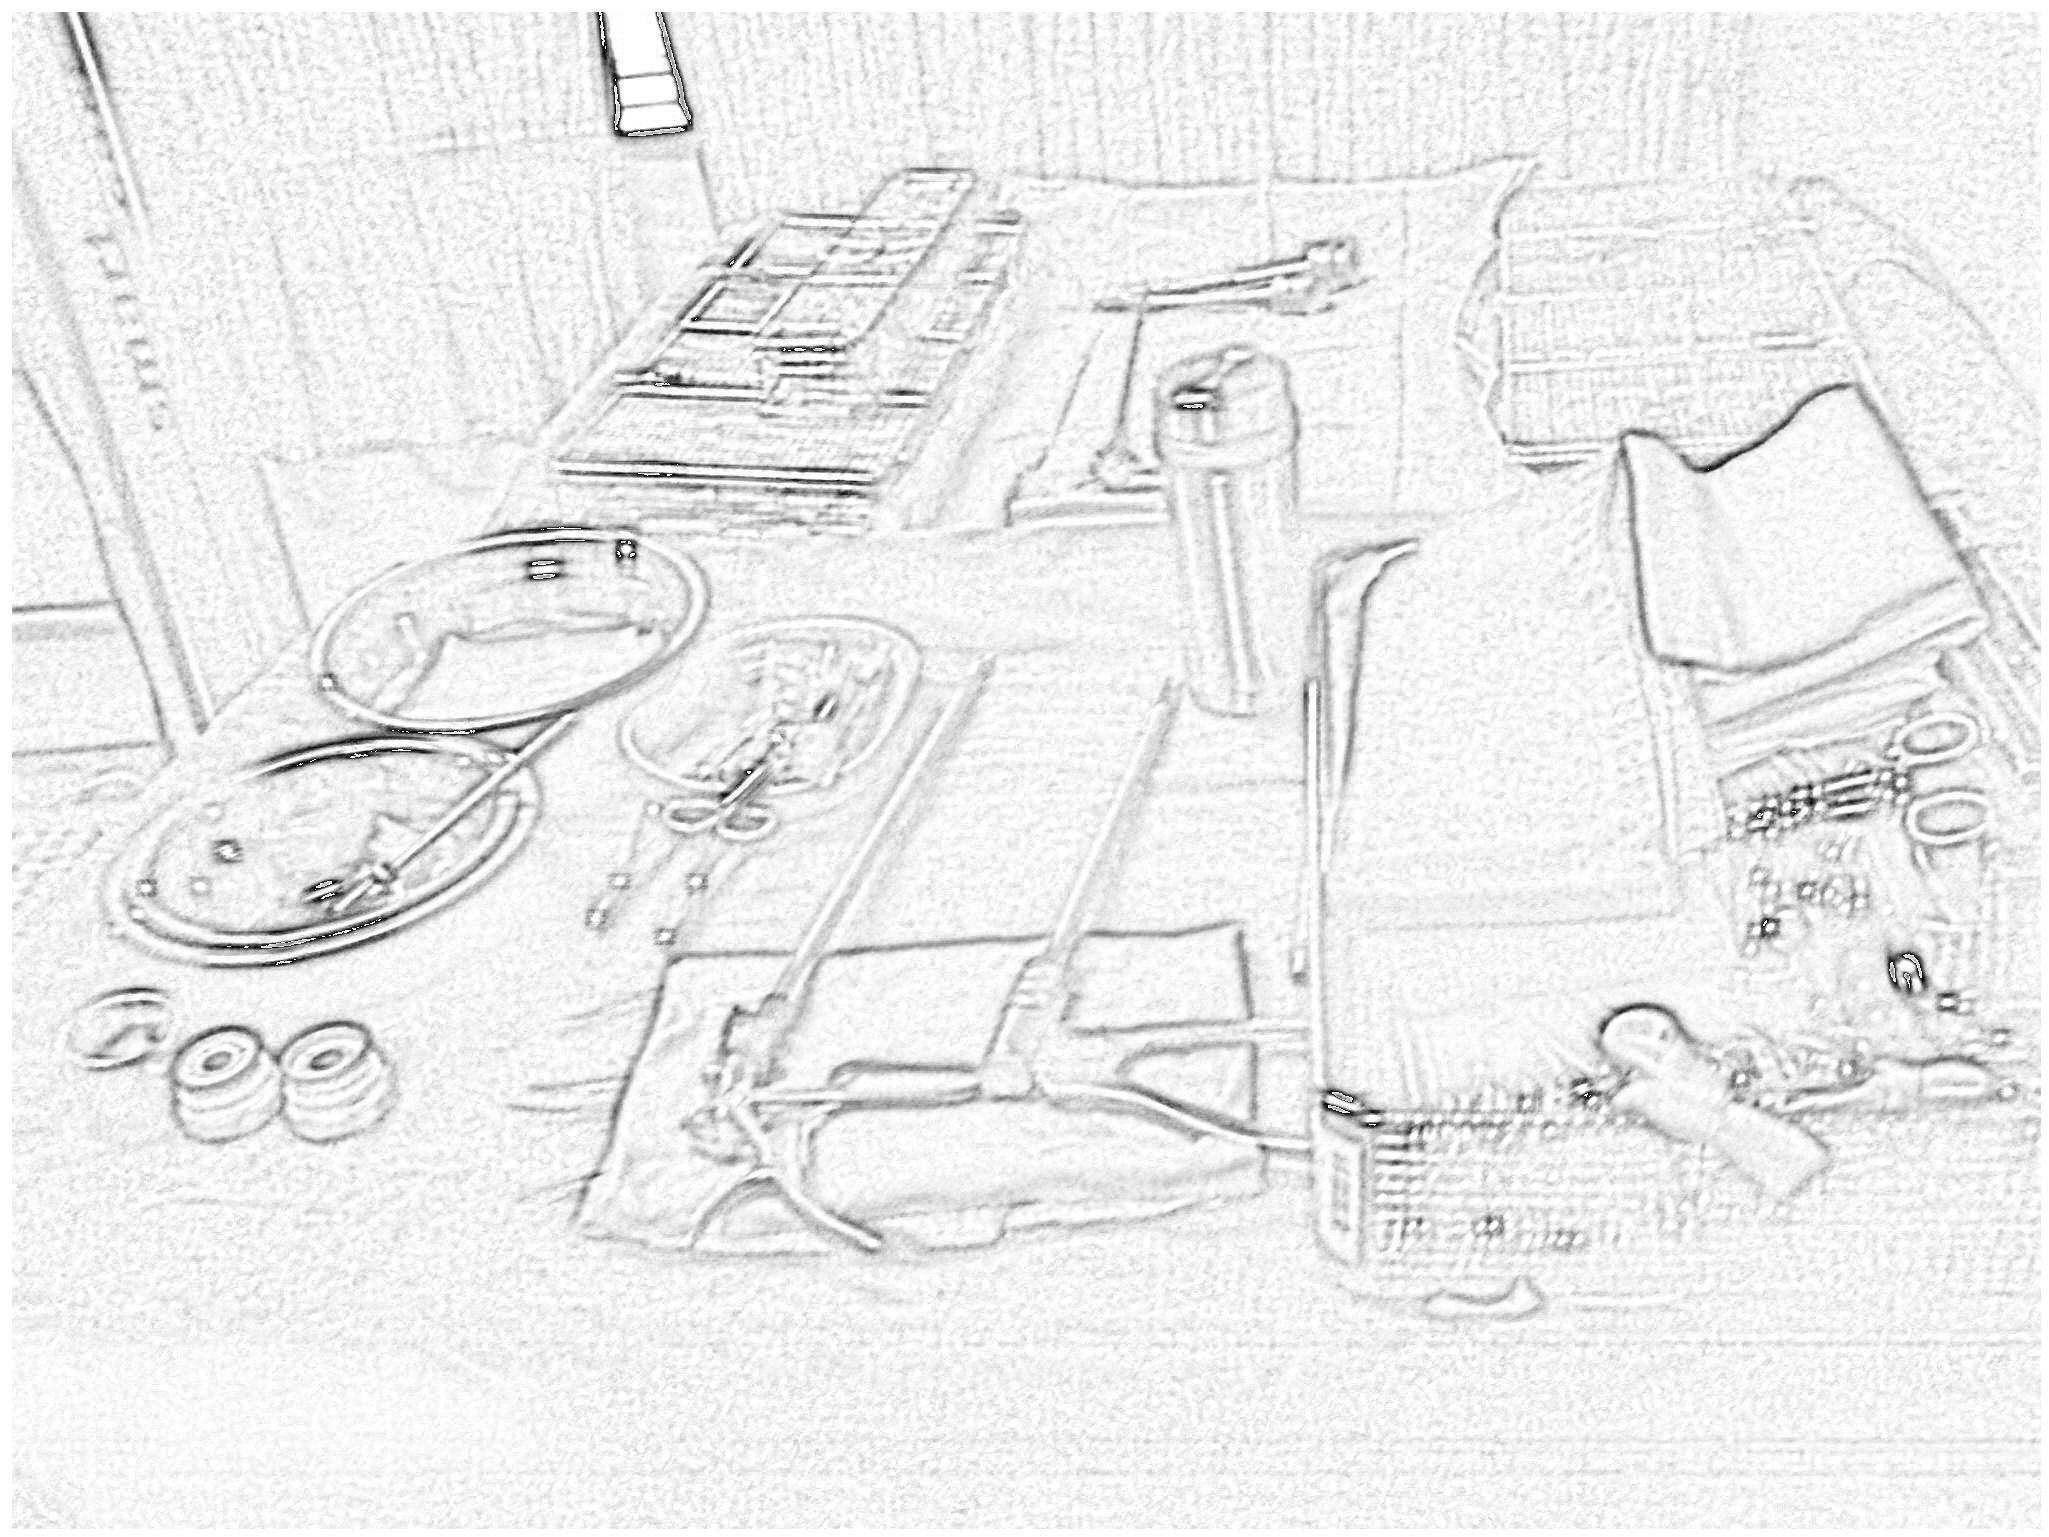 2012年手术室胃肠专科护士手绘手术台面标准